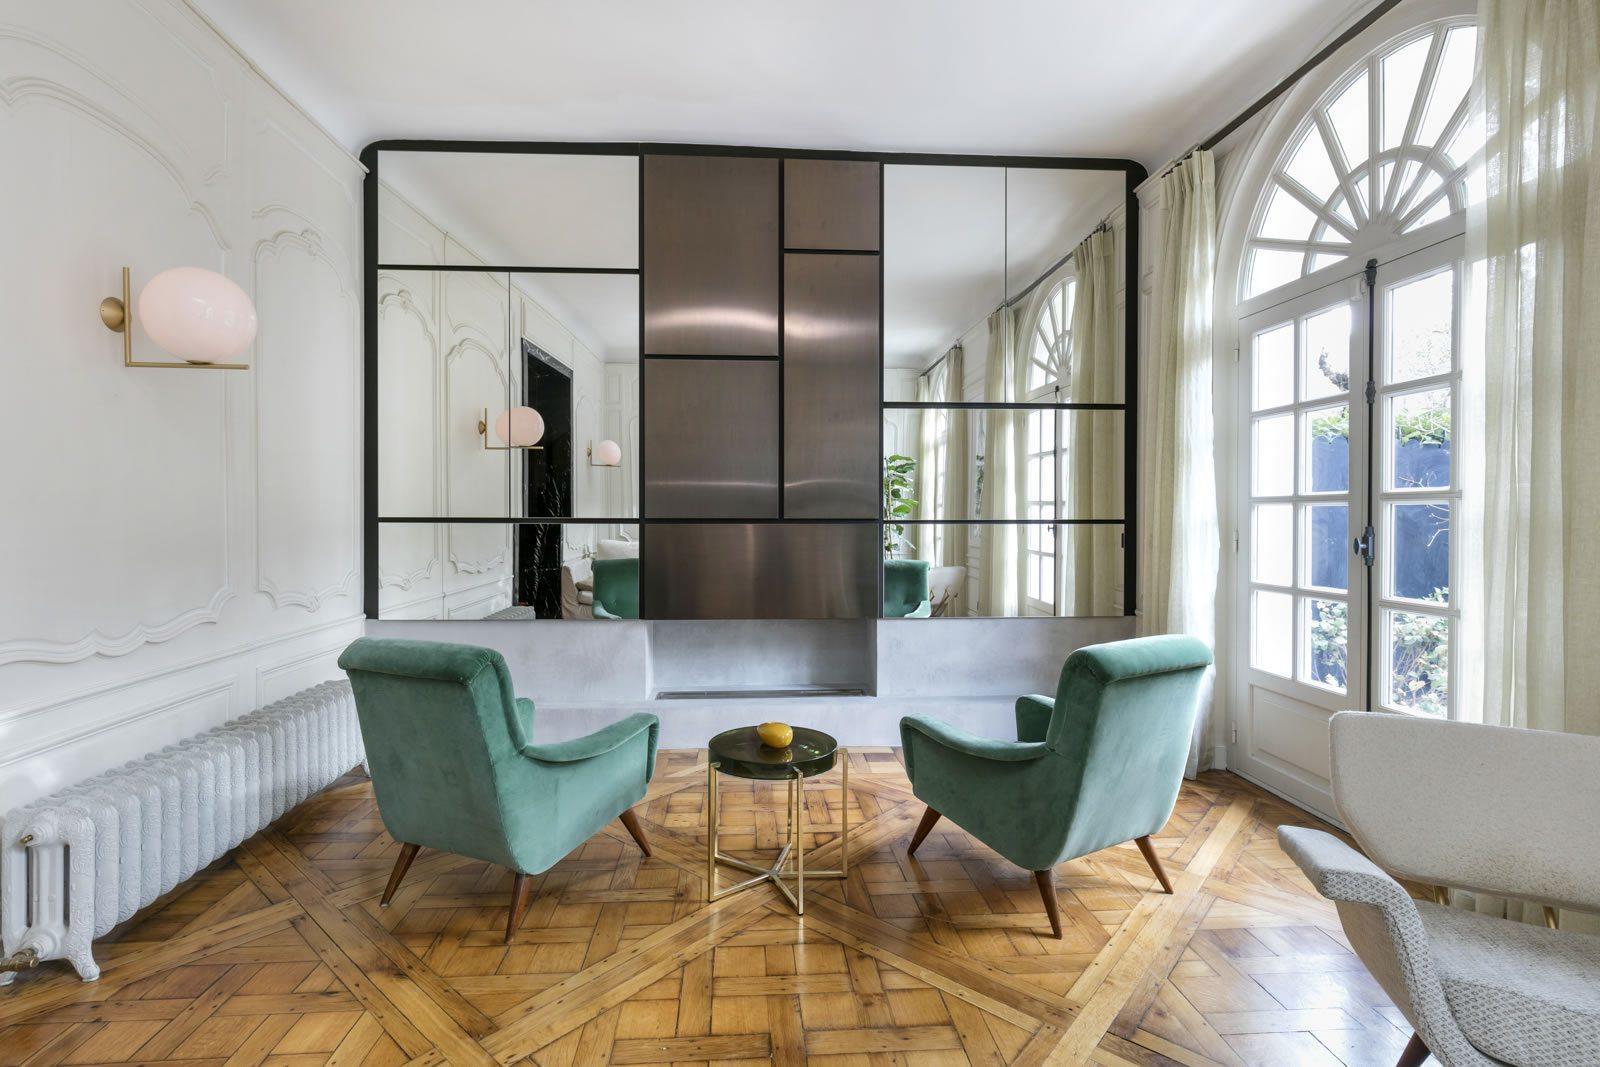 Appartement Exceptionnel De 3 Chambres Vendre Sur L 39 Avenue Henri Martin Dans Le 16 Me